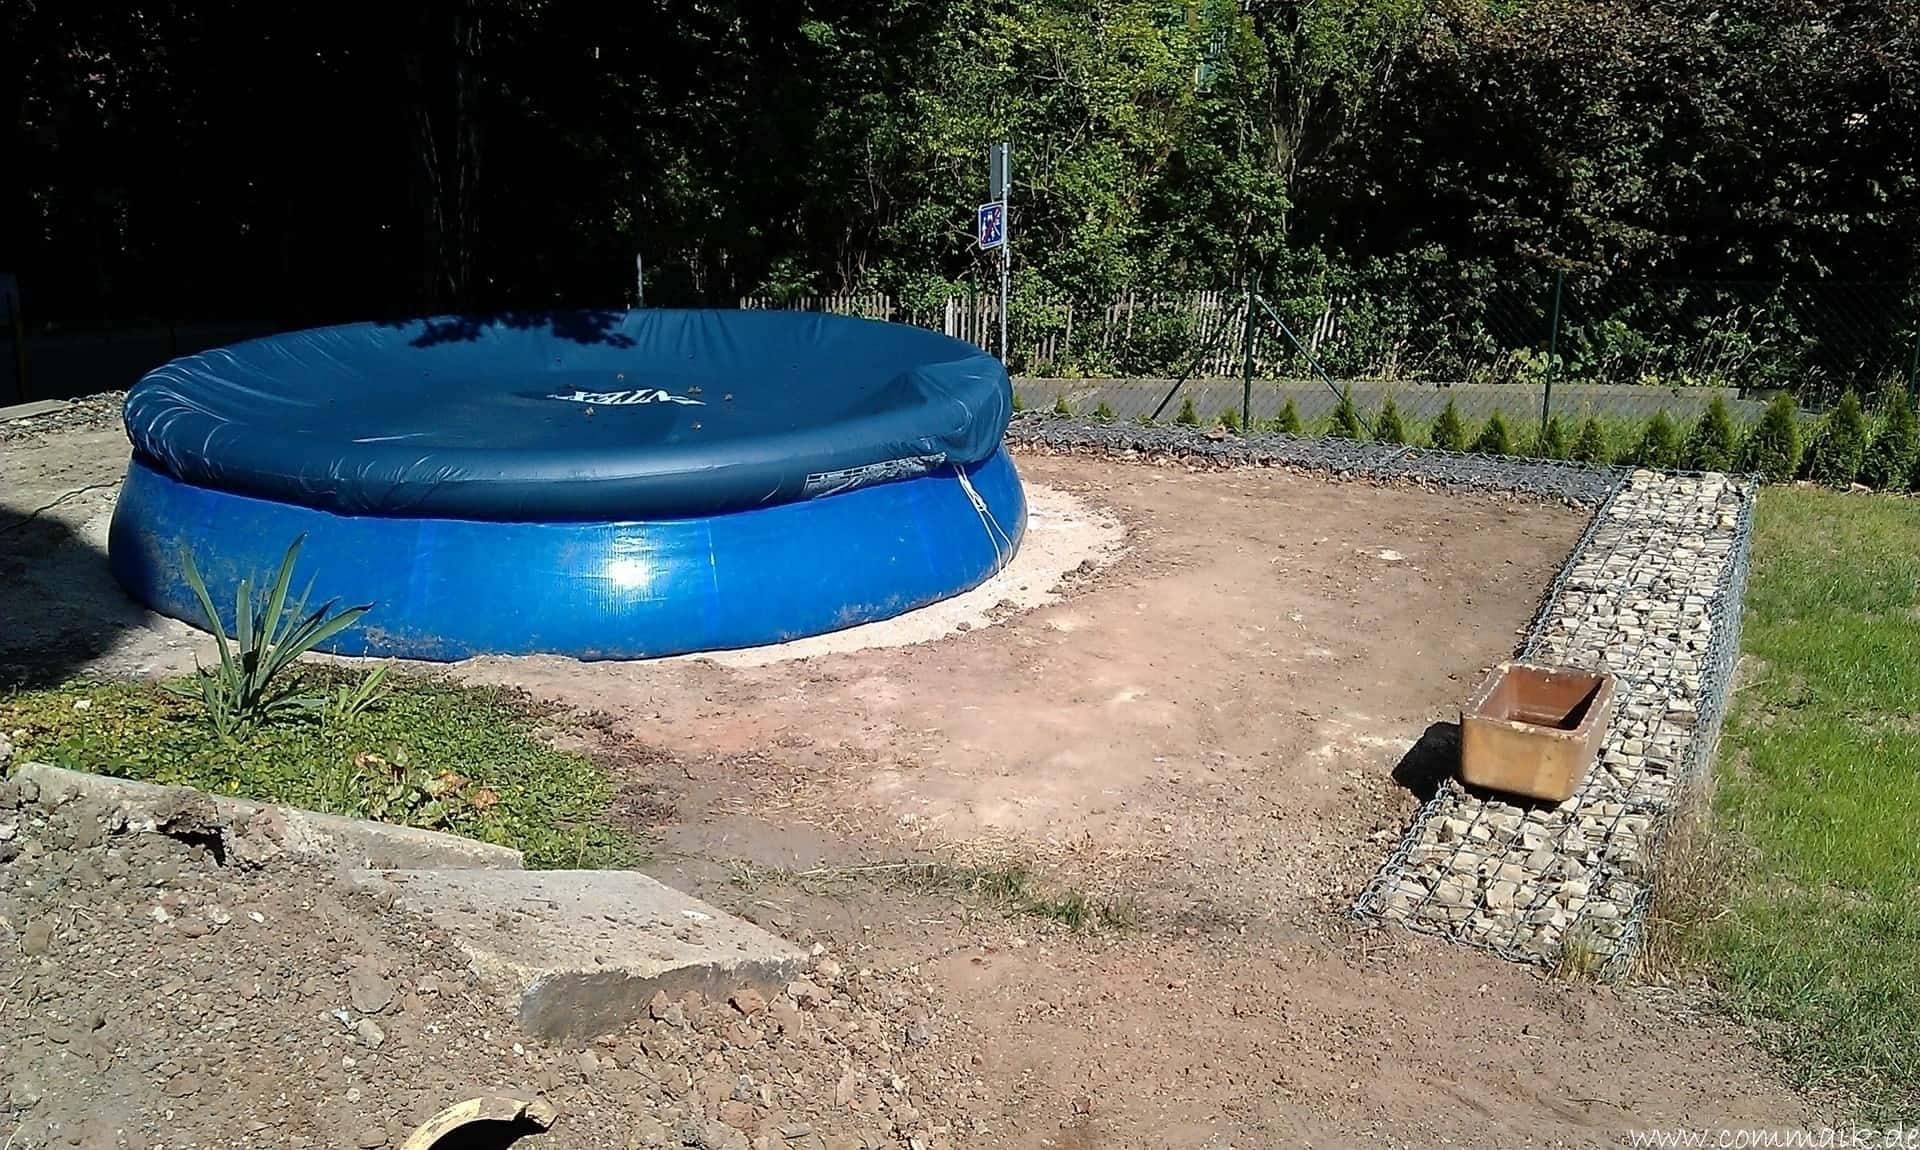 projekt pool terrasse der beginn commaik. Black Bedroom Furniture Sets. Home Design Ideas